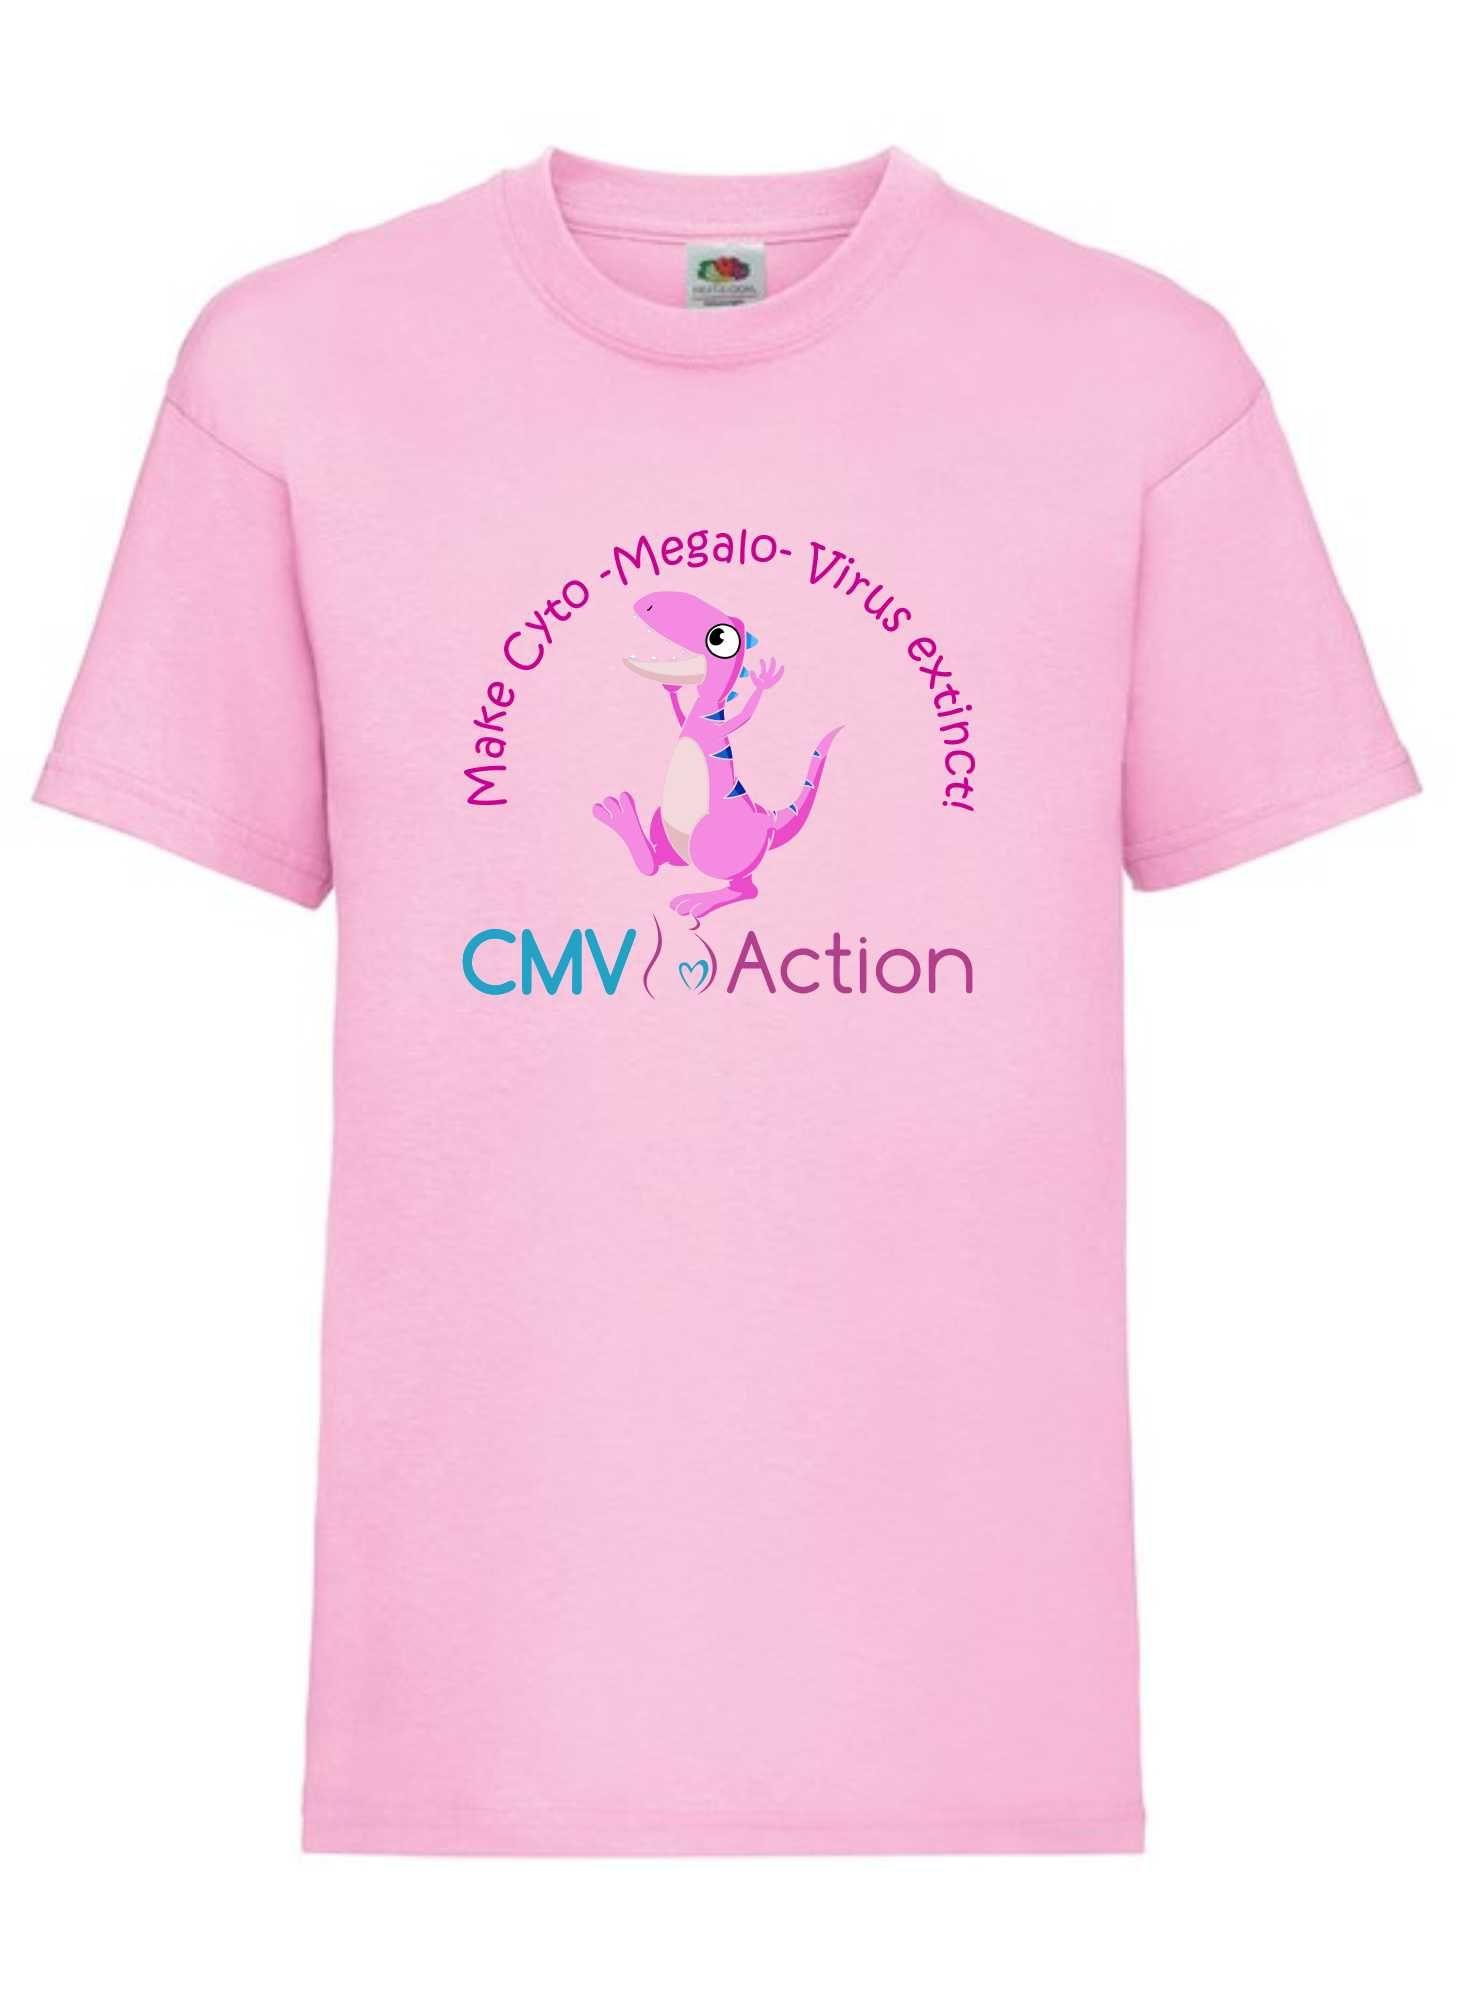 CMV- Pink Dinosaur Tee (Pink) (Kids)